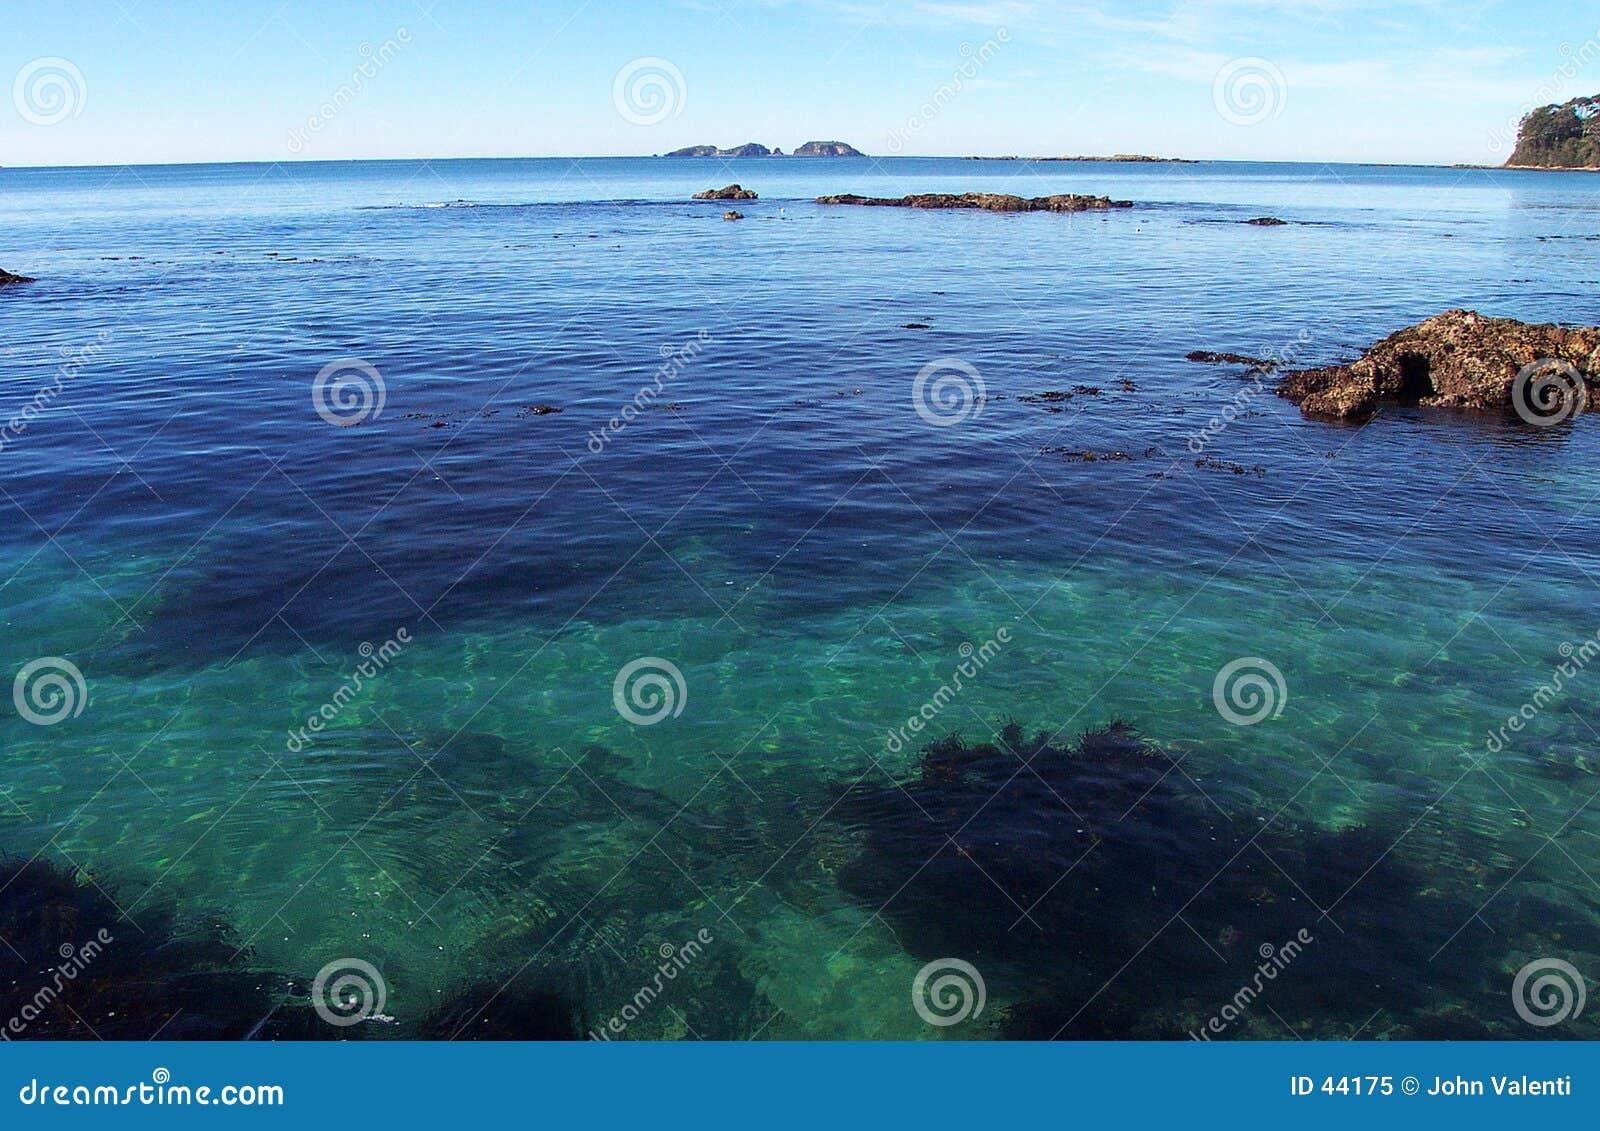 Download Océano esmeralda imagen de archivo. Imagen de rocas, océano - 44175